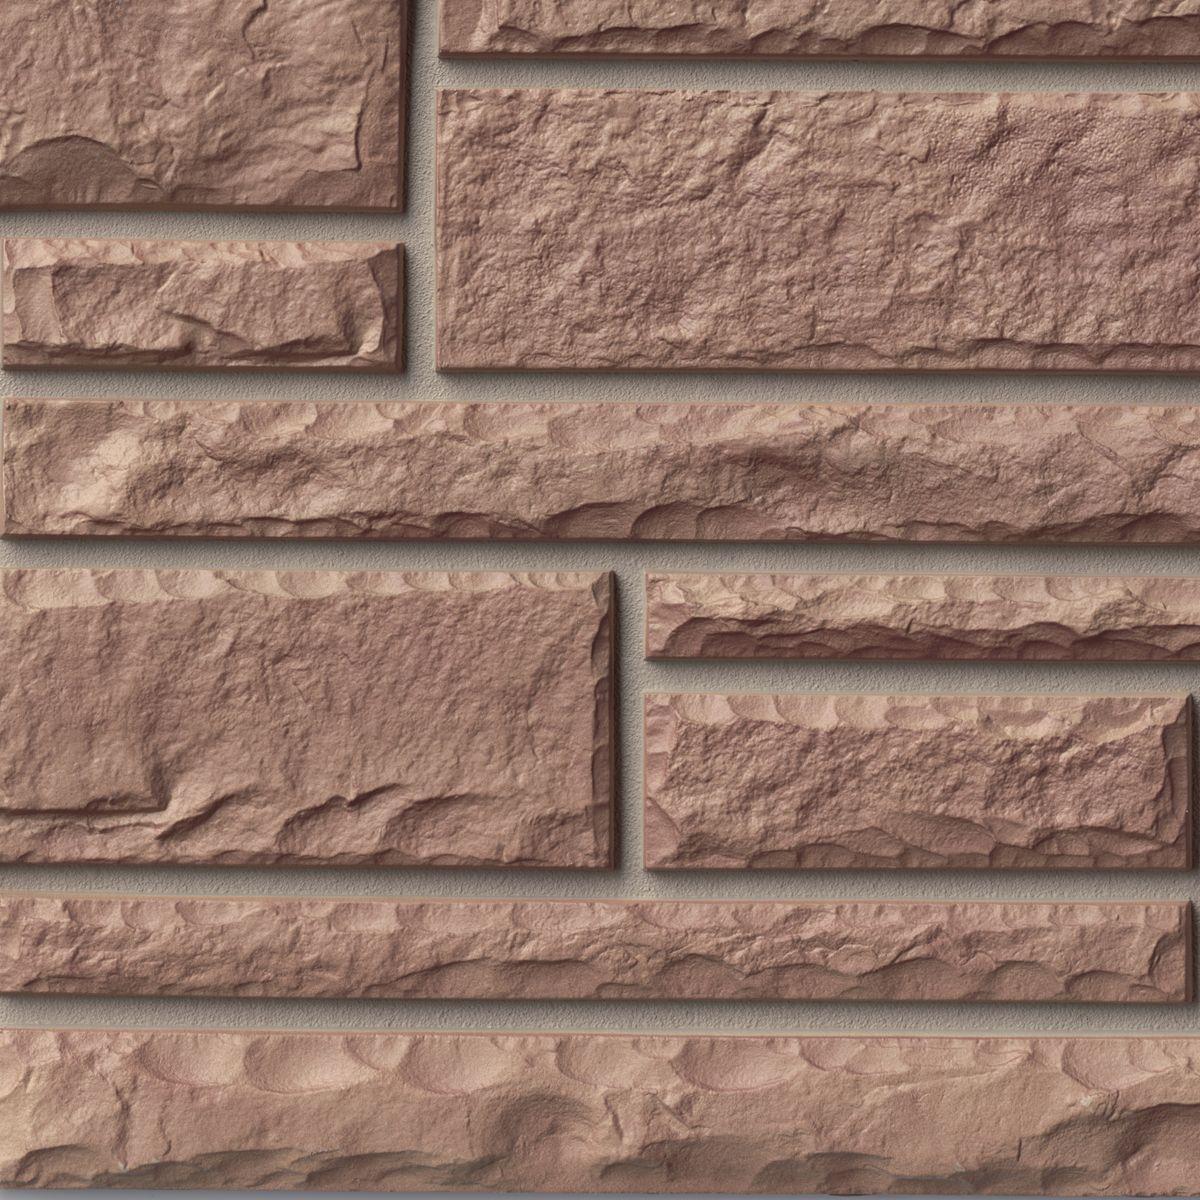 Hand-Cut Stone Original Series: Desert Buff. http://www.exteriabp.com/hand-cut-stone